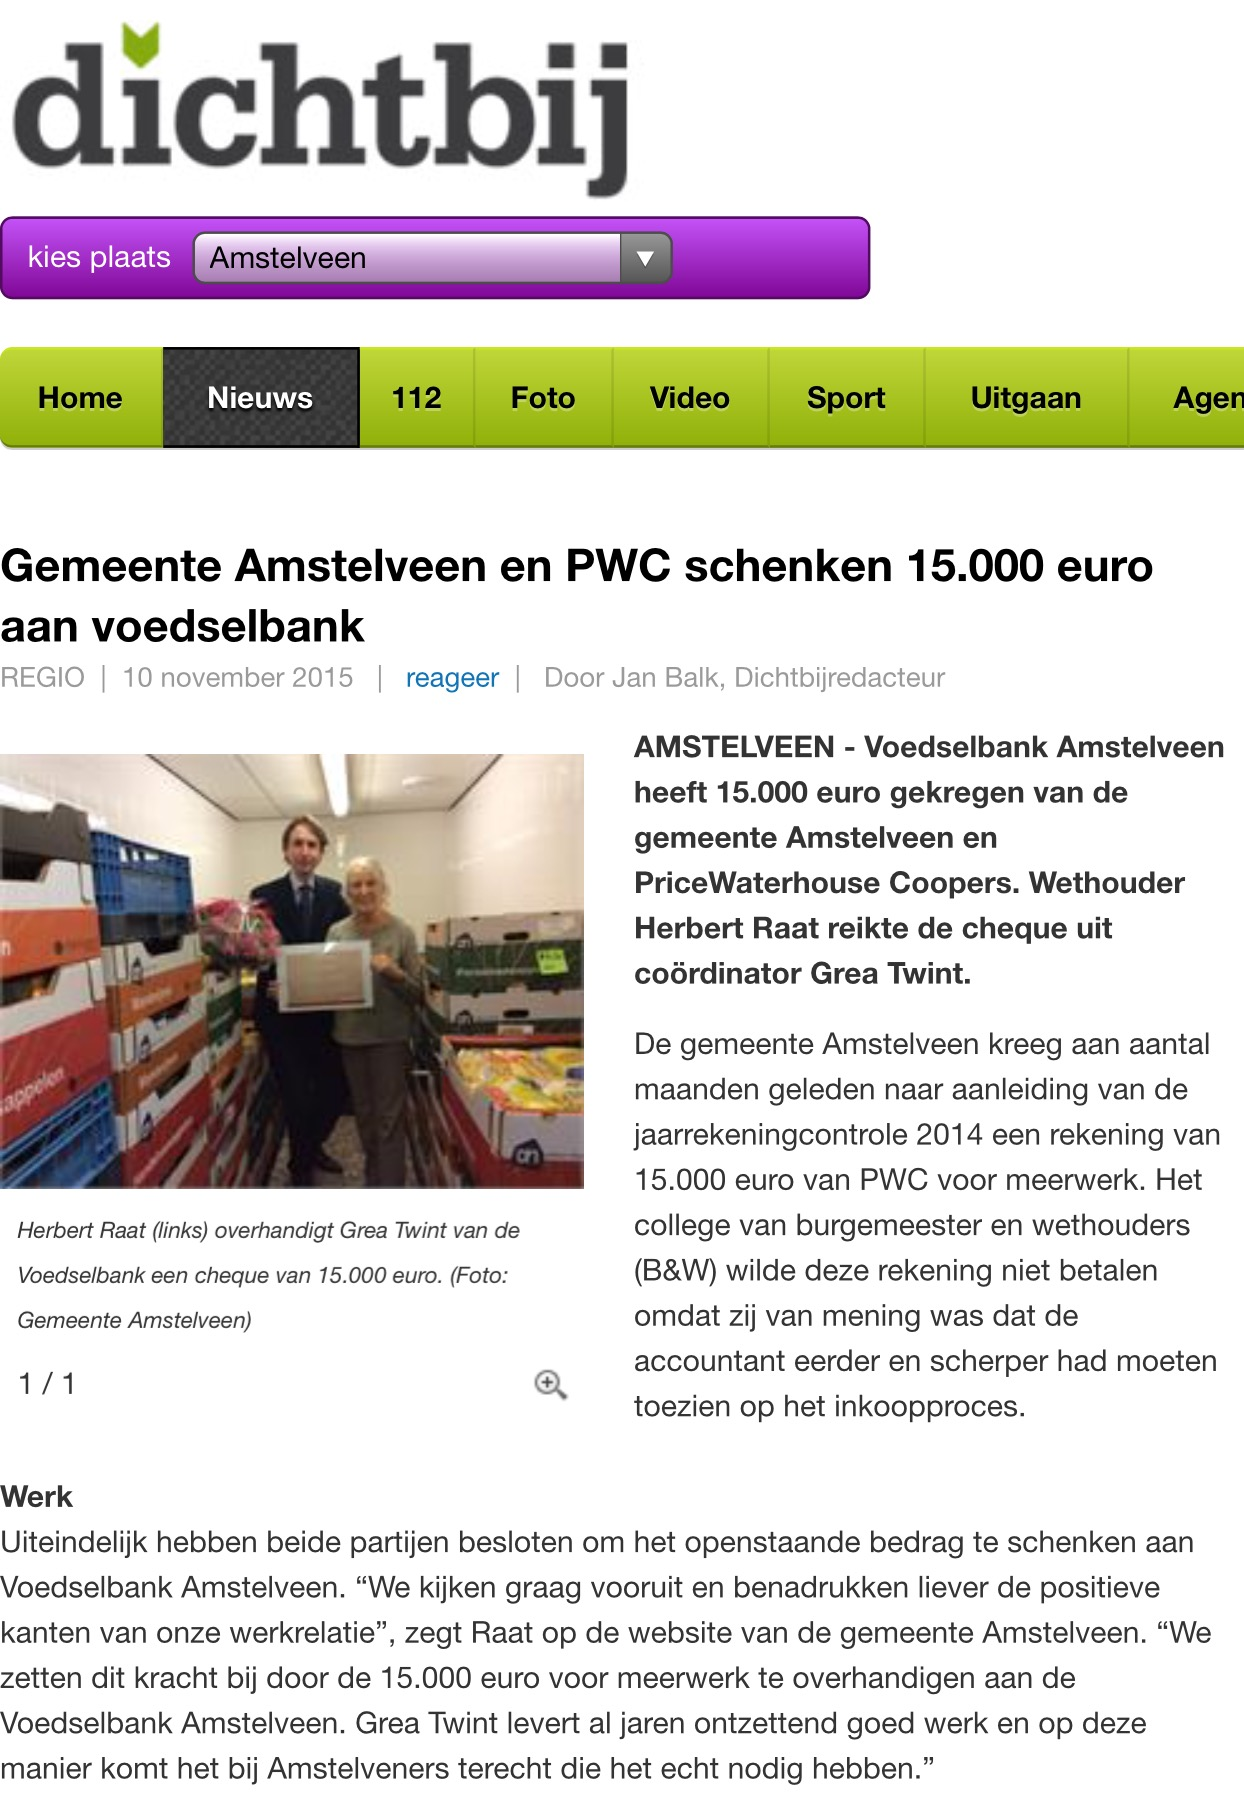 2015-10-11 Dichtbij: wethouder Herbert Raat over geld voor Voedselbank Amstelveen